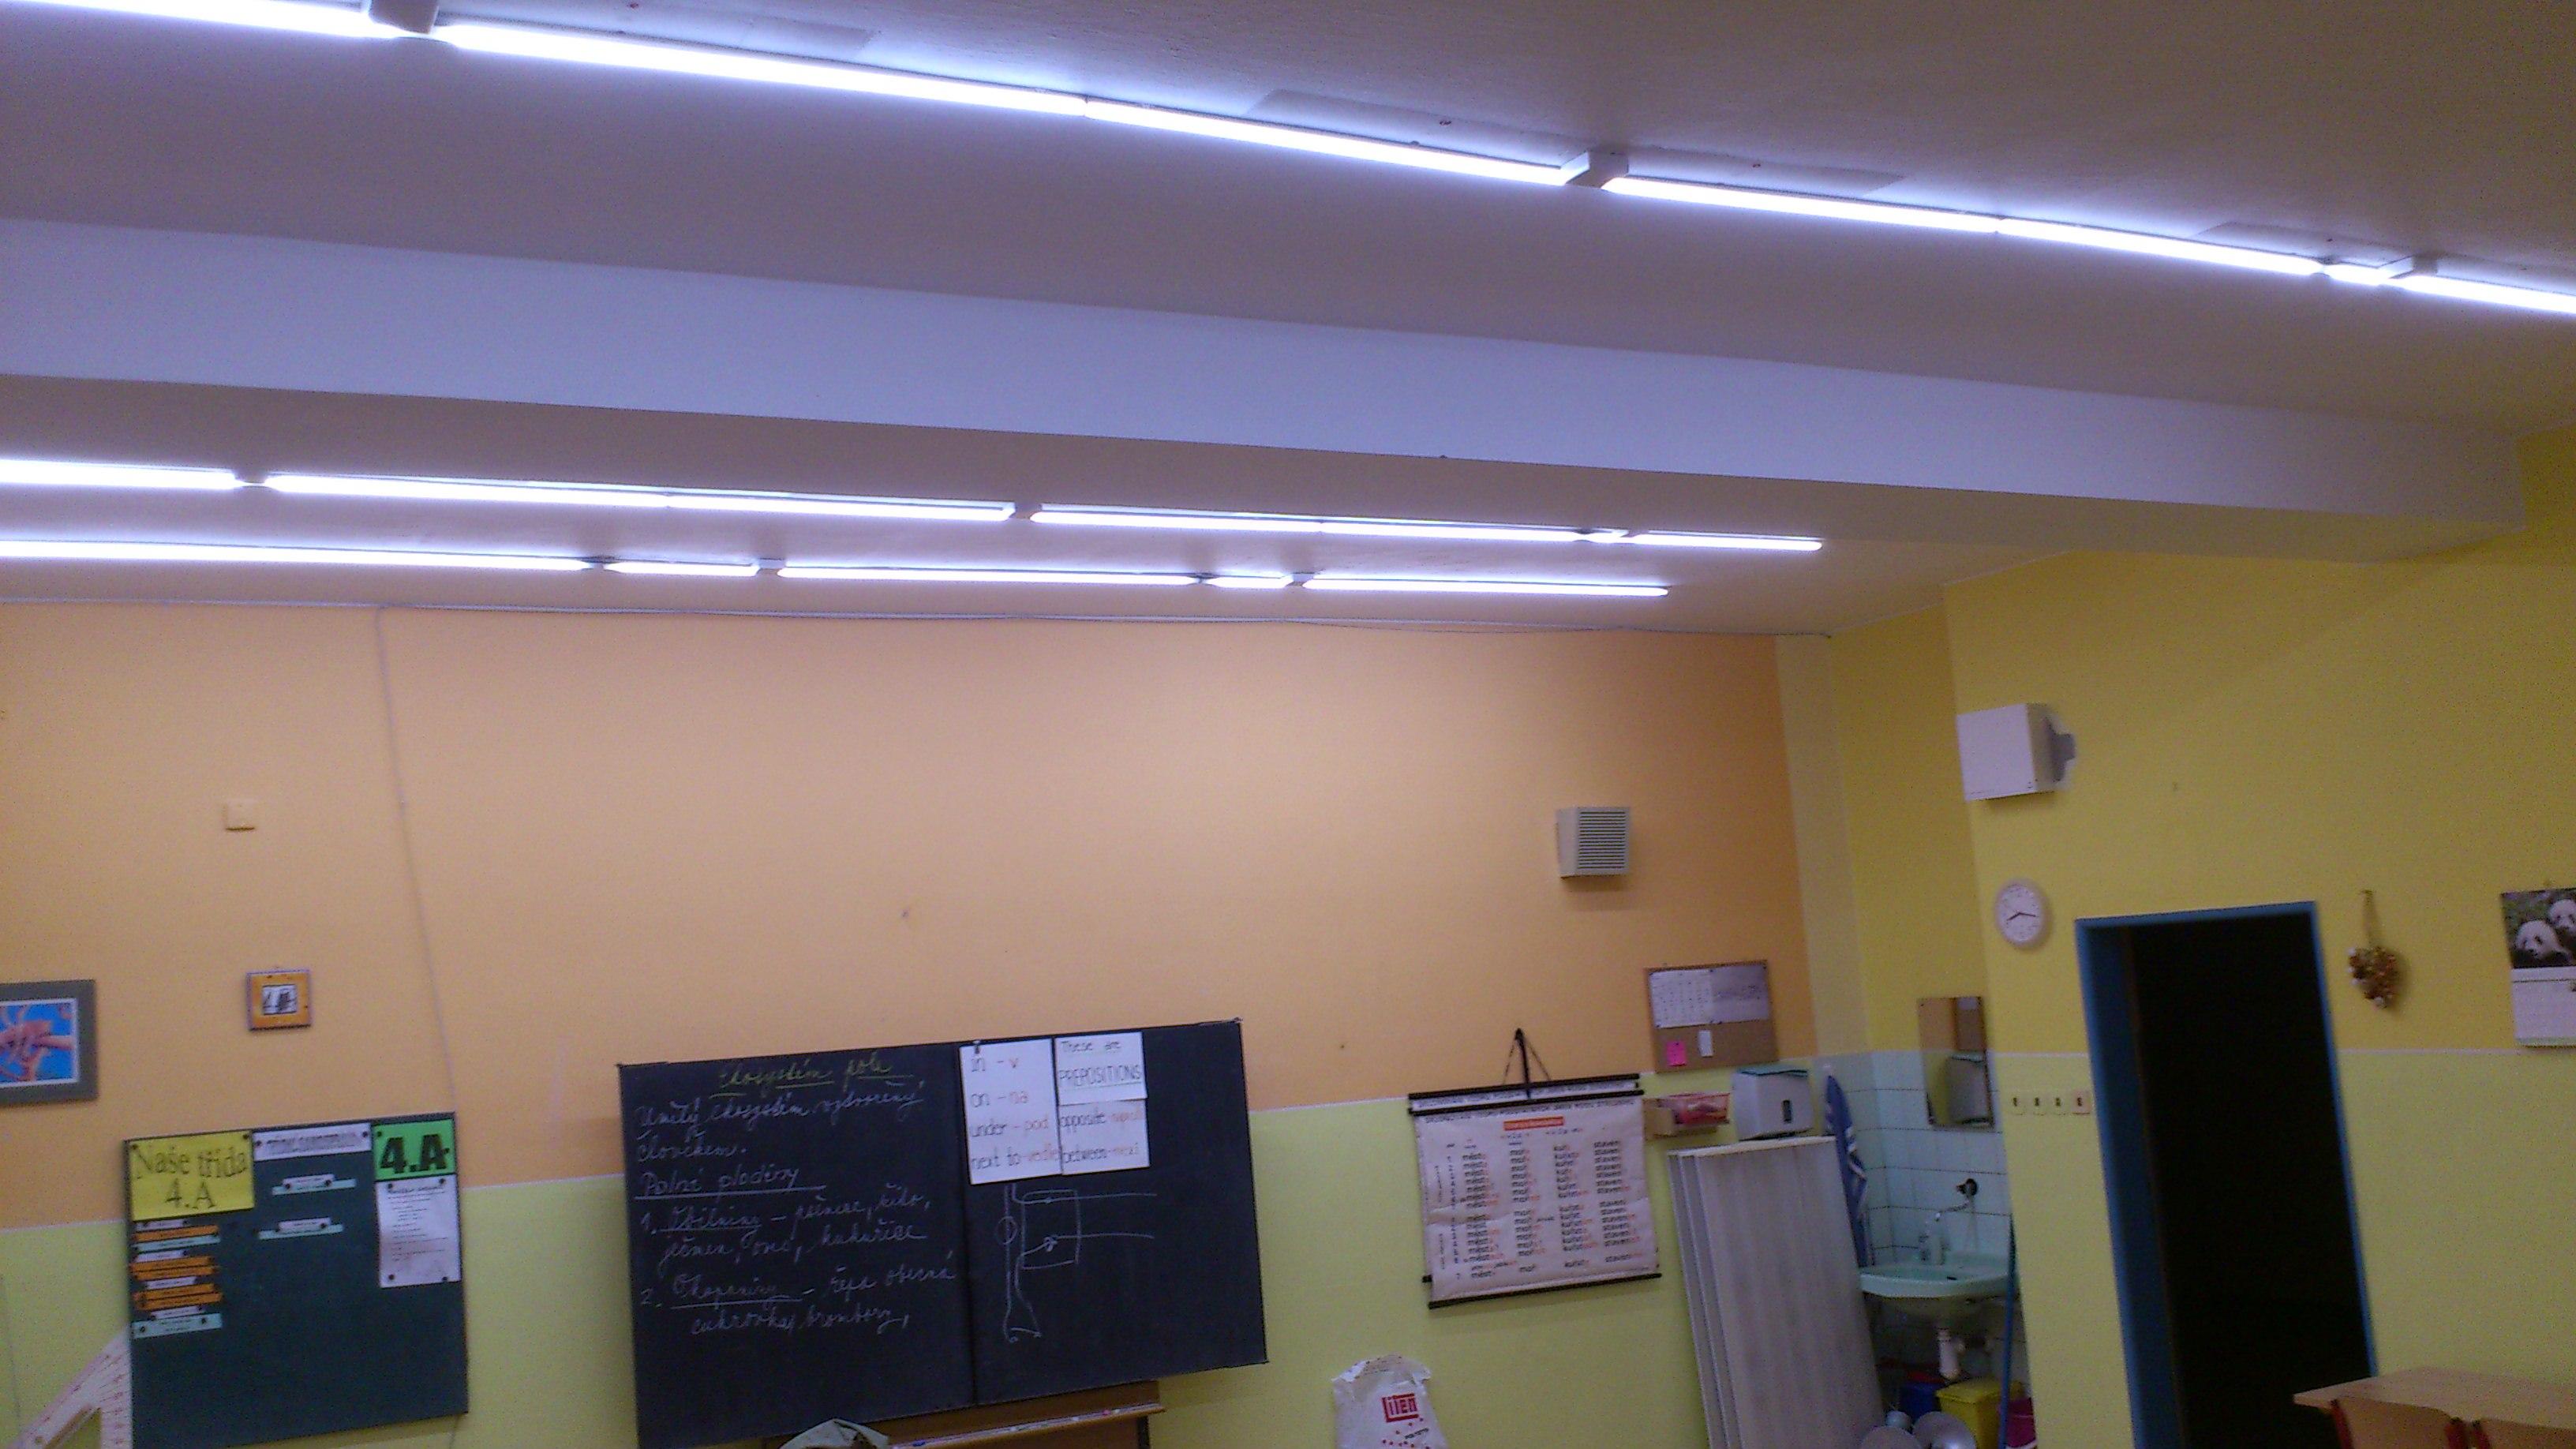 osvětlení školy